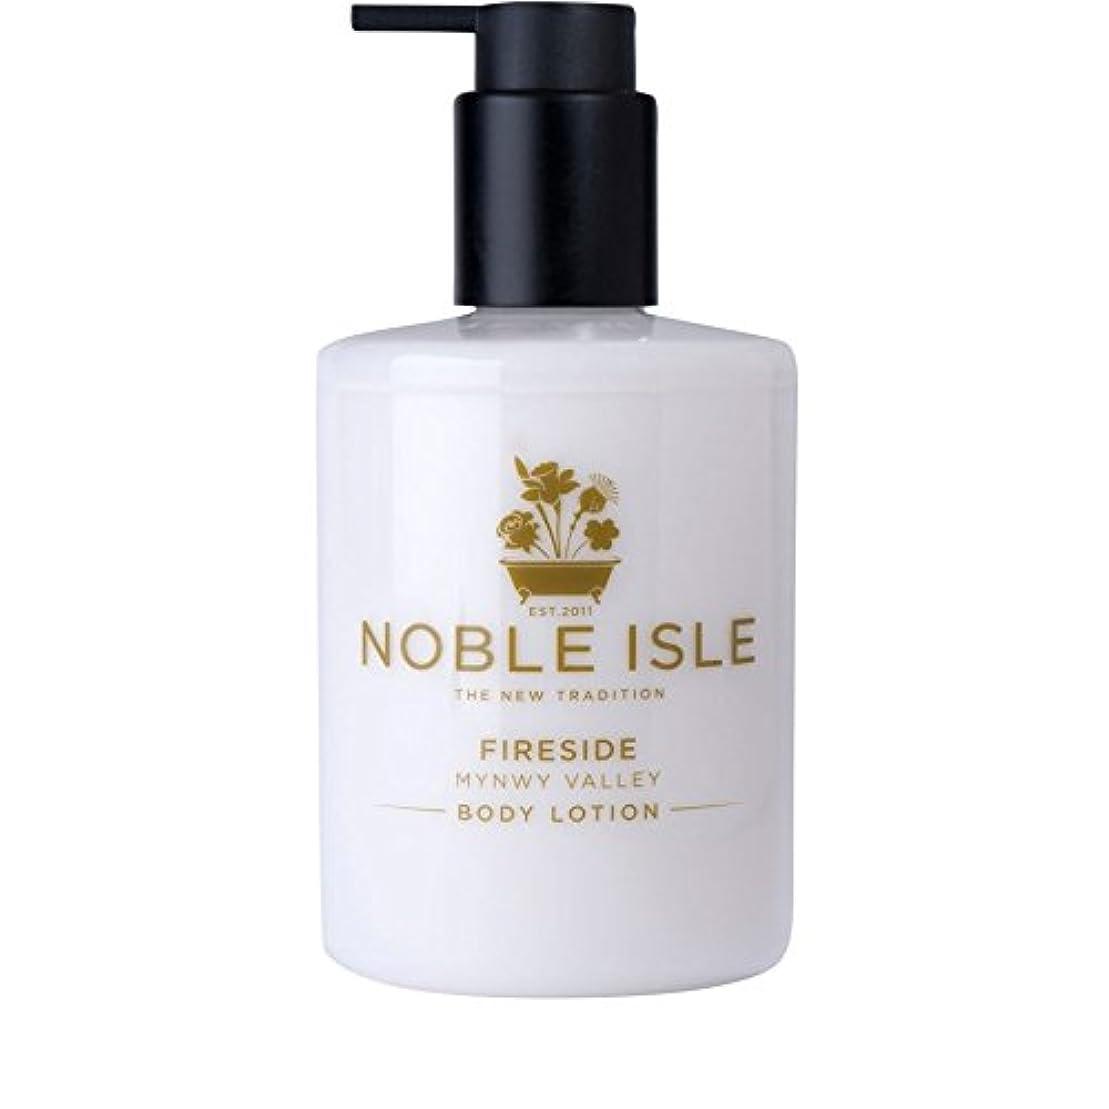 補体選択するレギュラー高貴な島炉端谷のボディローション250ミリリットル x4 - Noble Isle Fireside Mynwy Valley Body Lotion 250ml (Pack of 4) [並行輸入品]